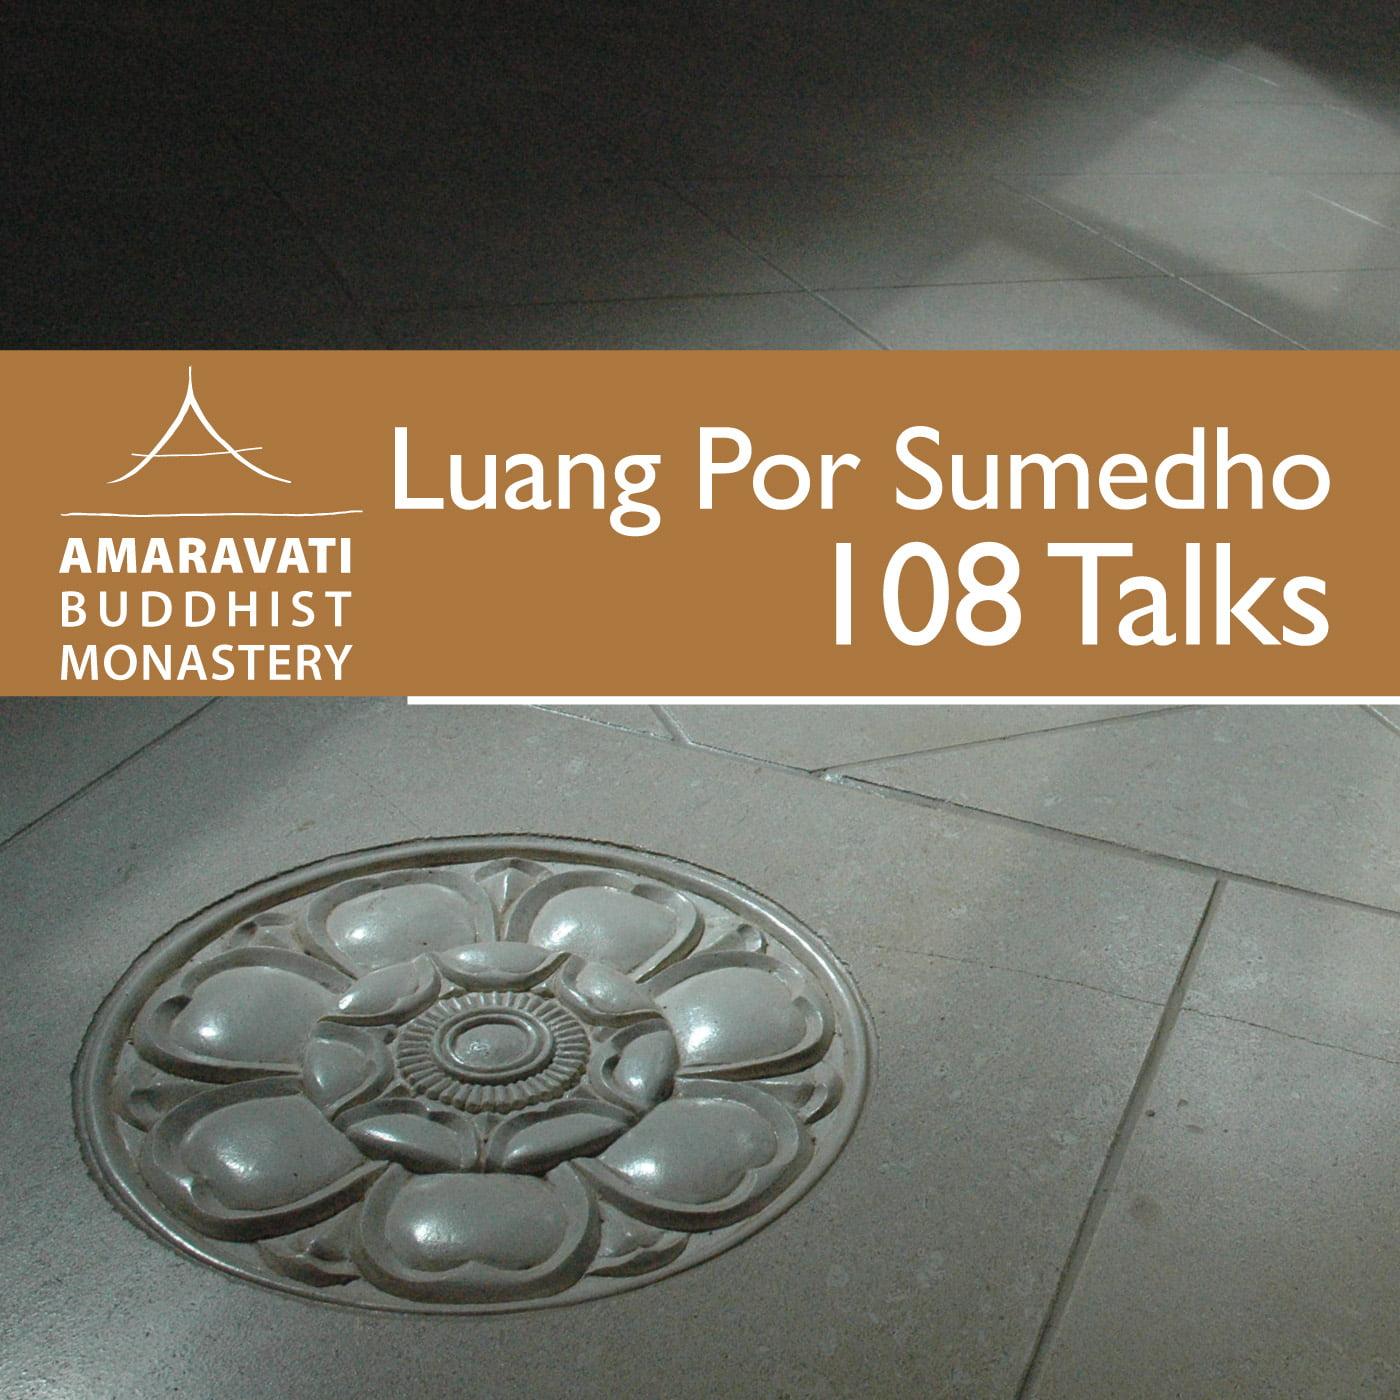 108 Talks by Ajahn Sumedho